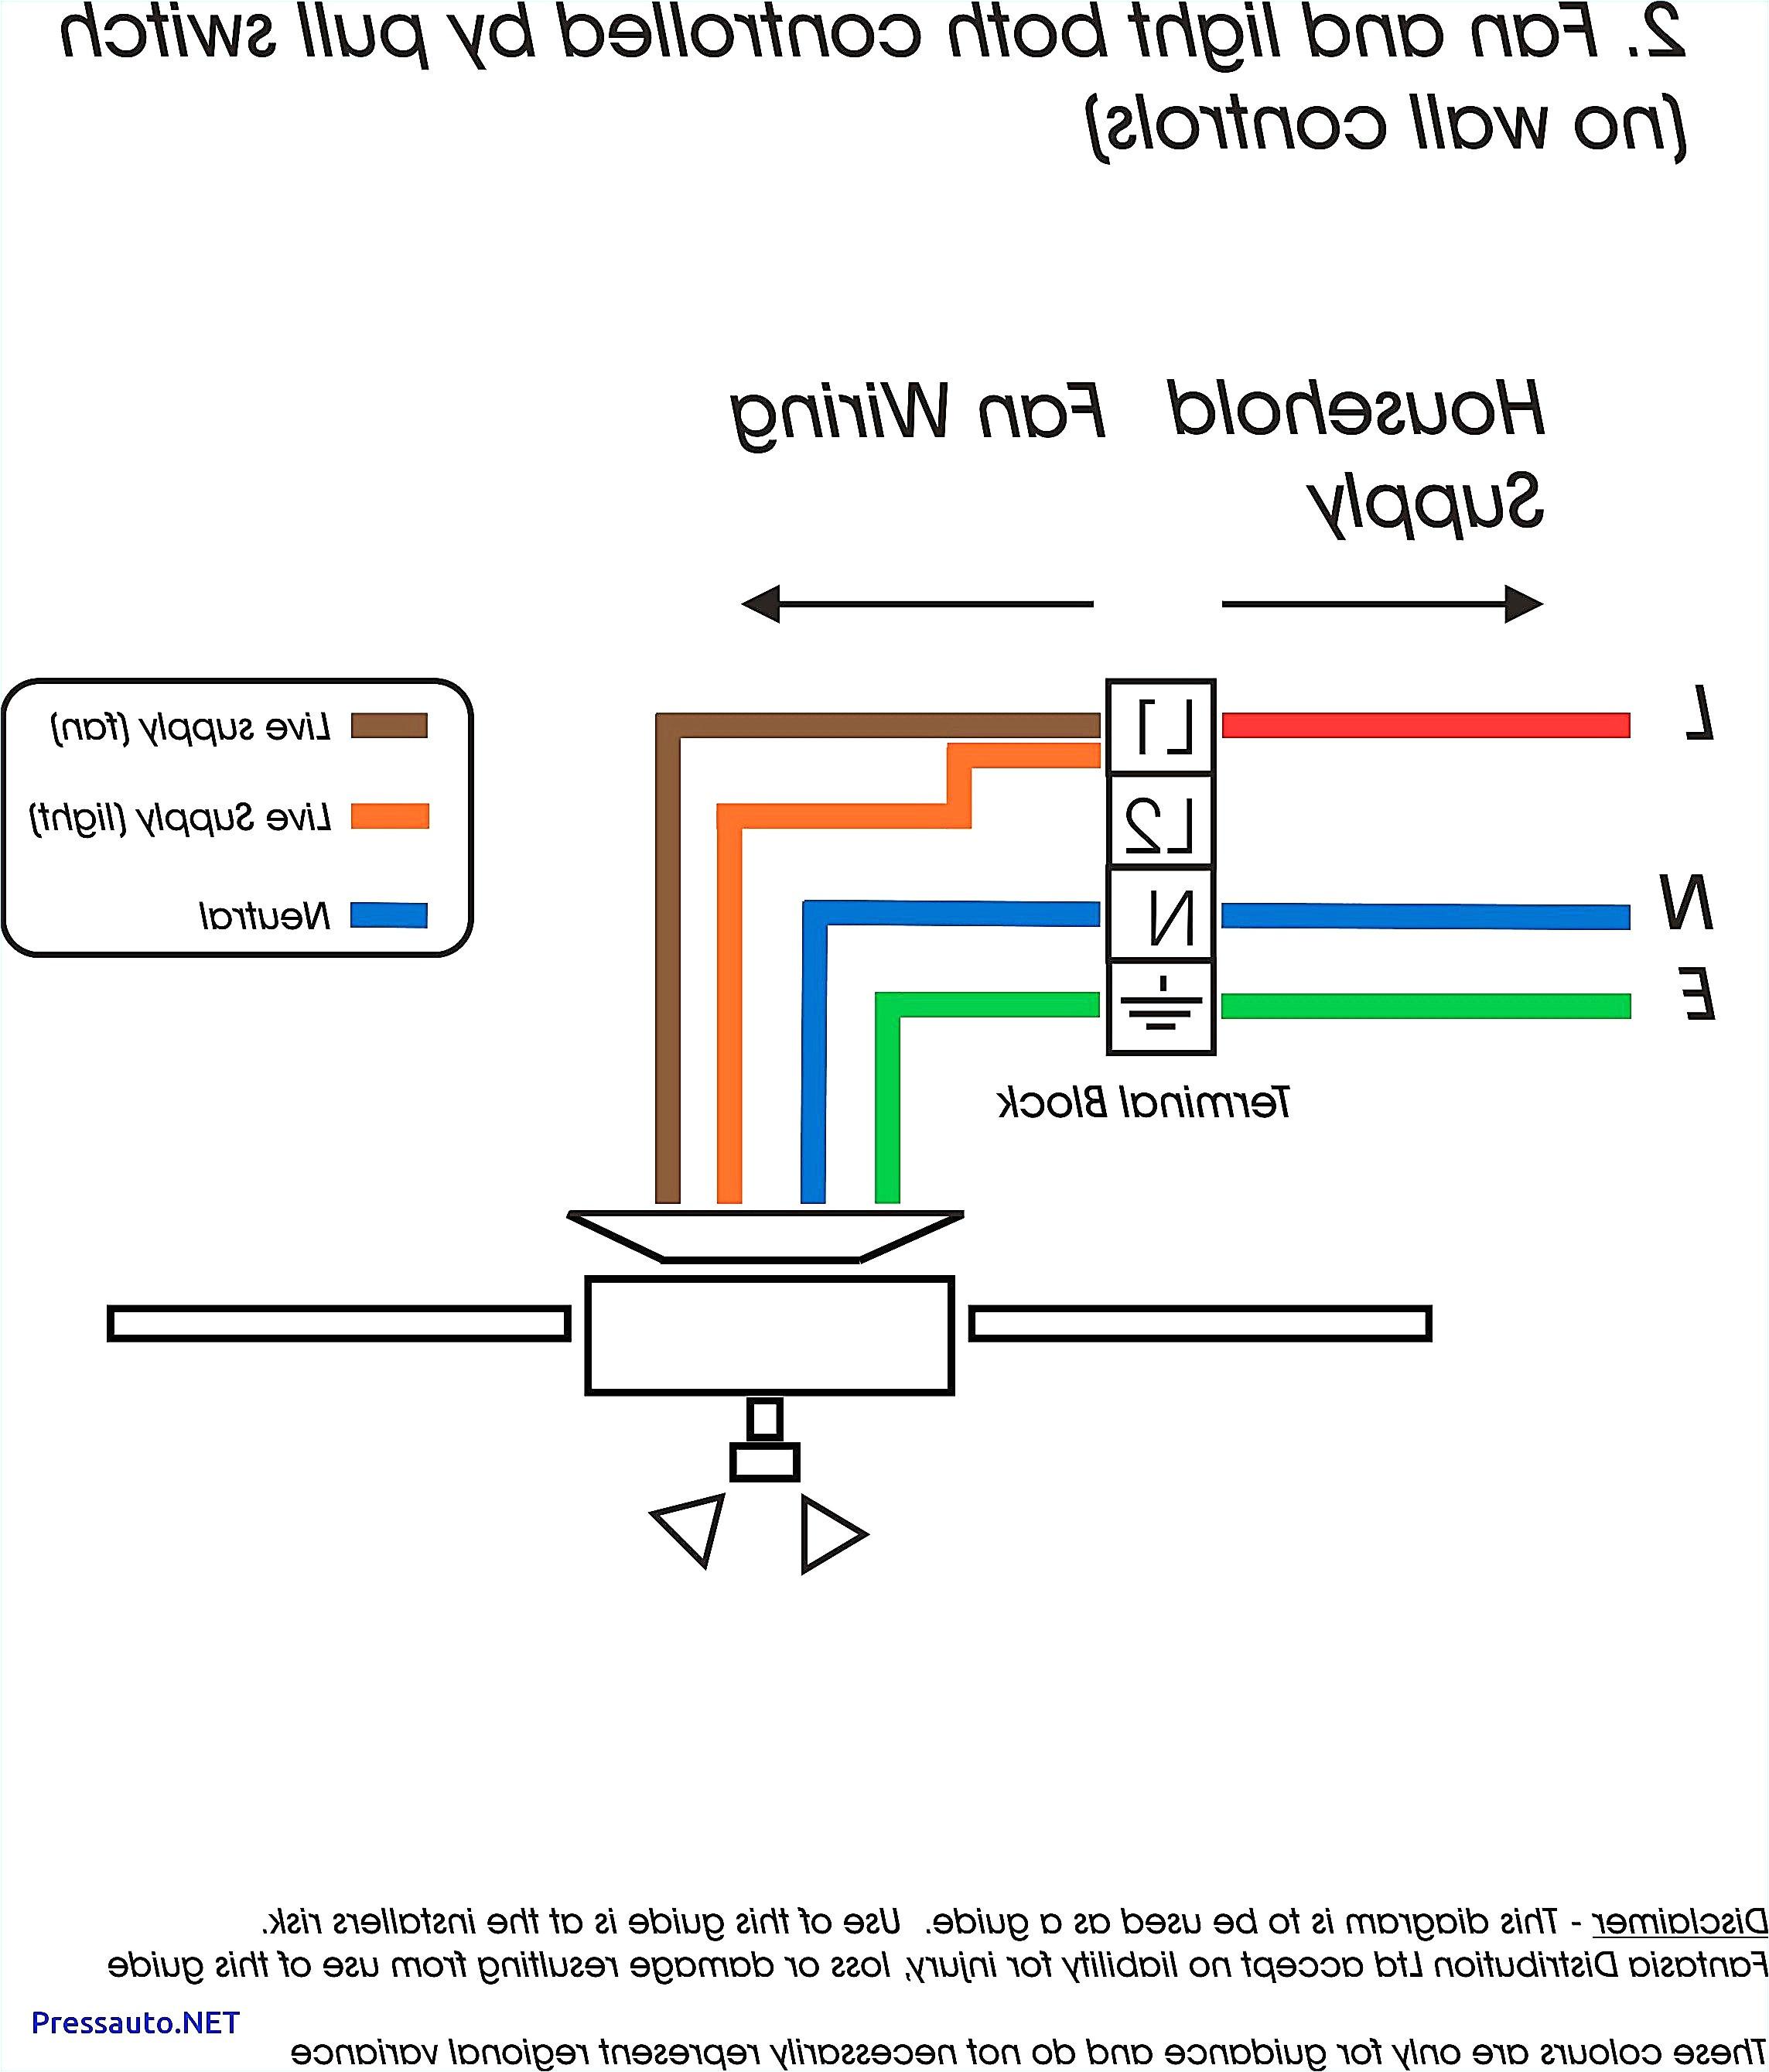 baldor motor capacitor wiring diagram inspirational baldor motor wiring diagram single phase rate single phase motor